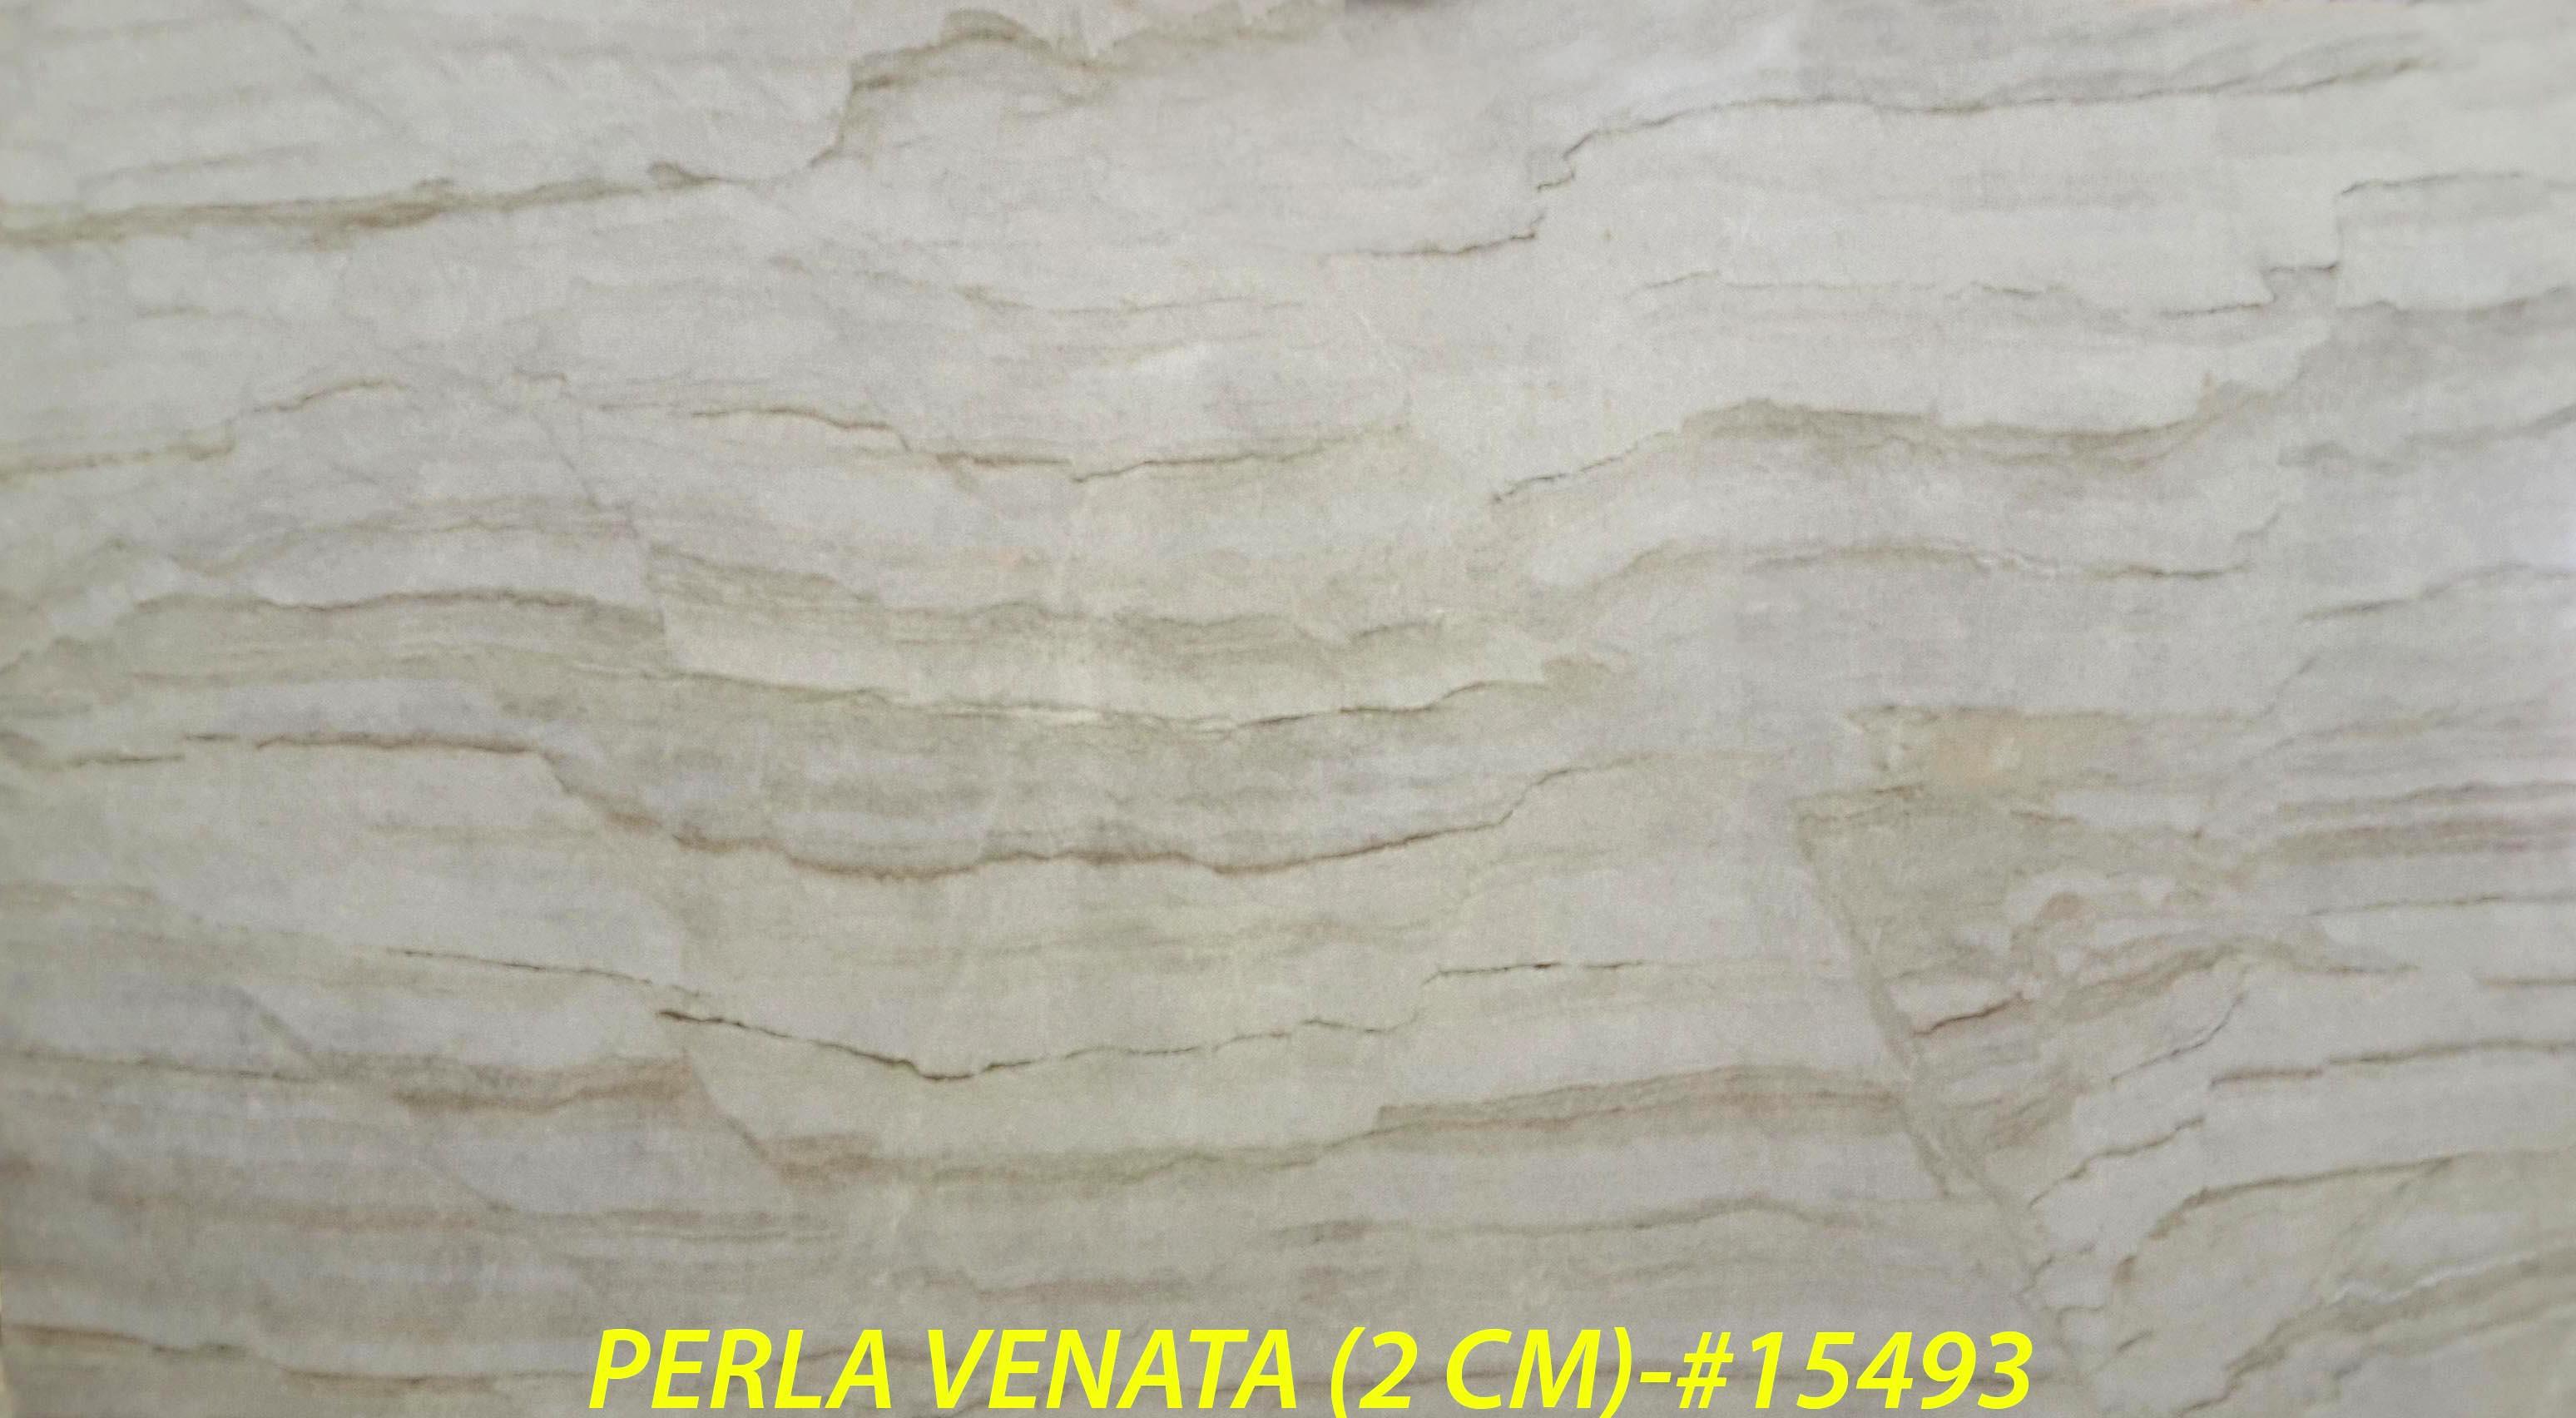 PERLA VENATA (2 CM)-#15493